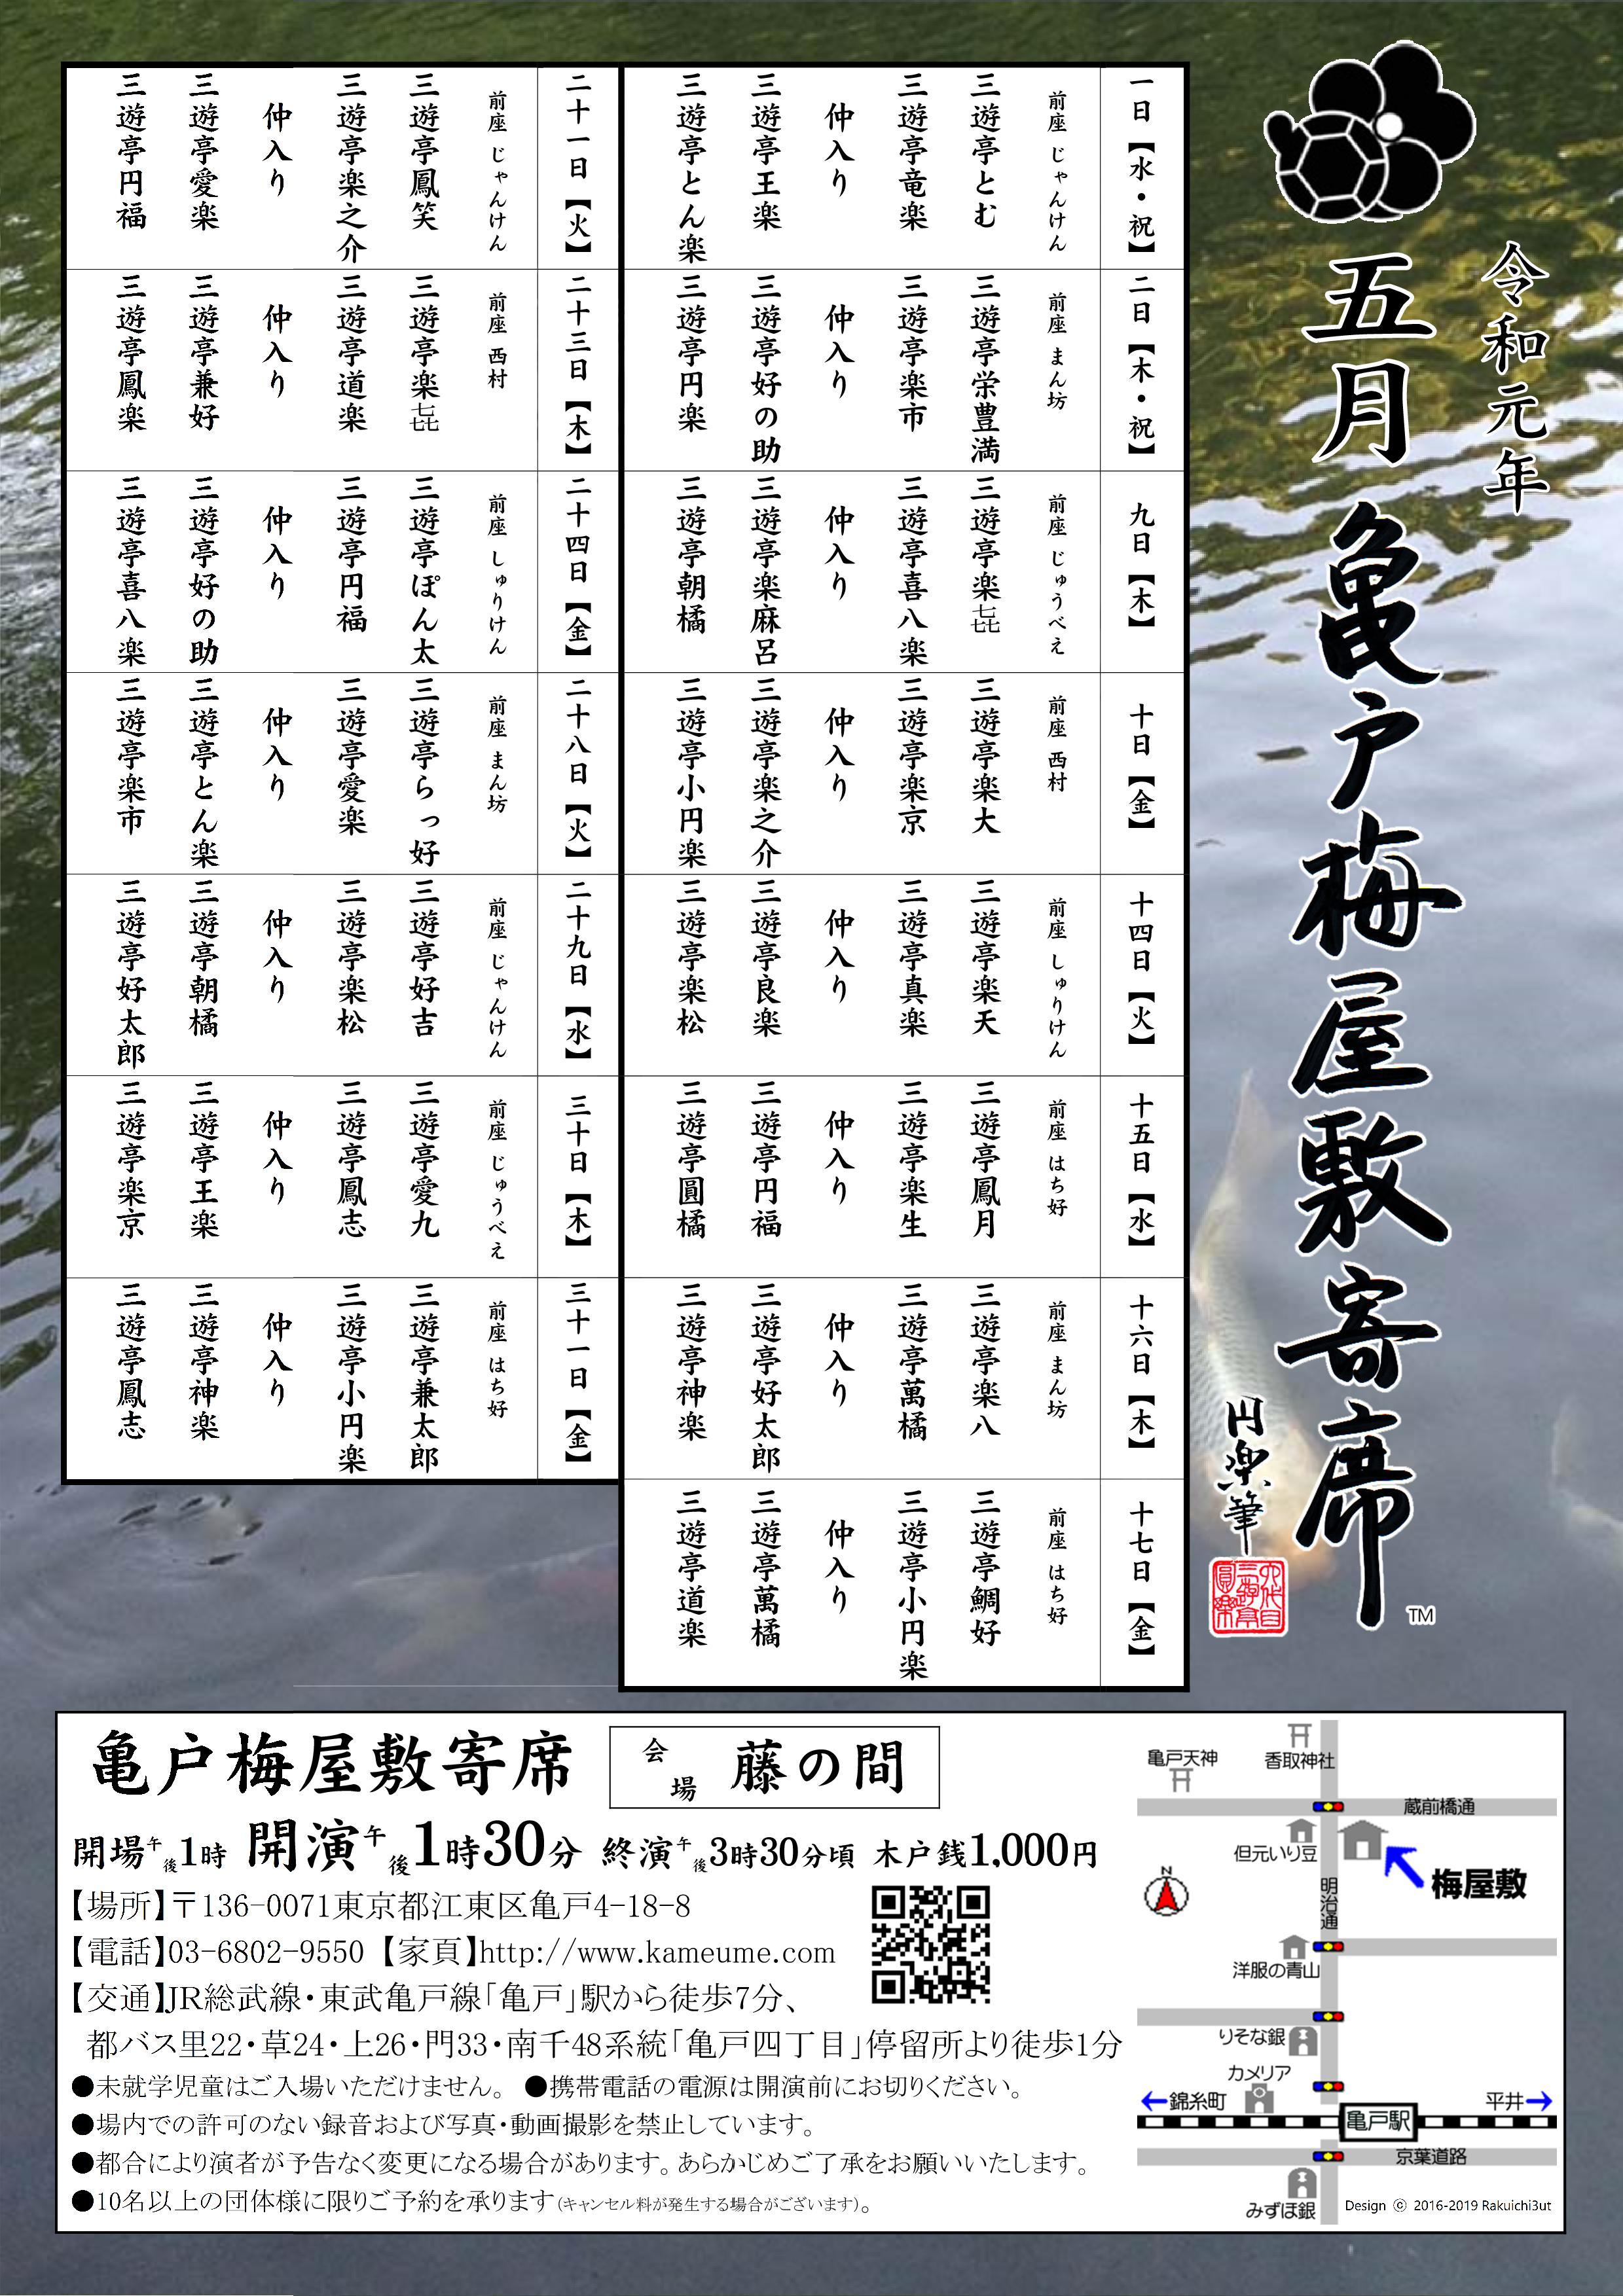 龟户梅屋敷曲艺场[五月]